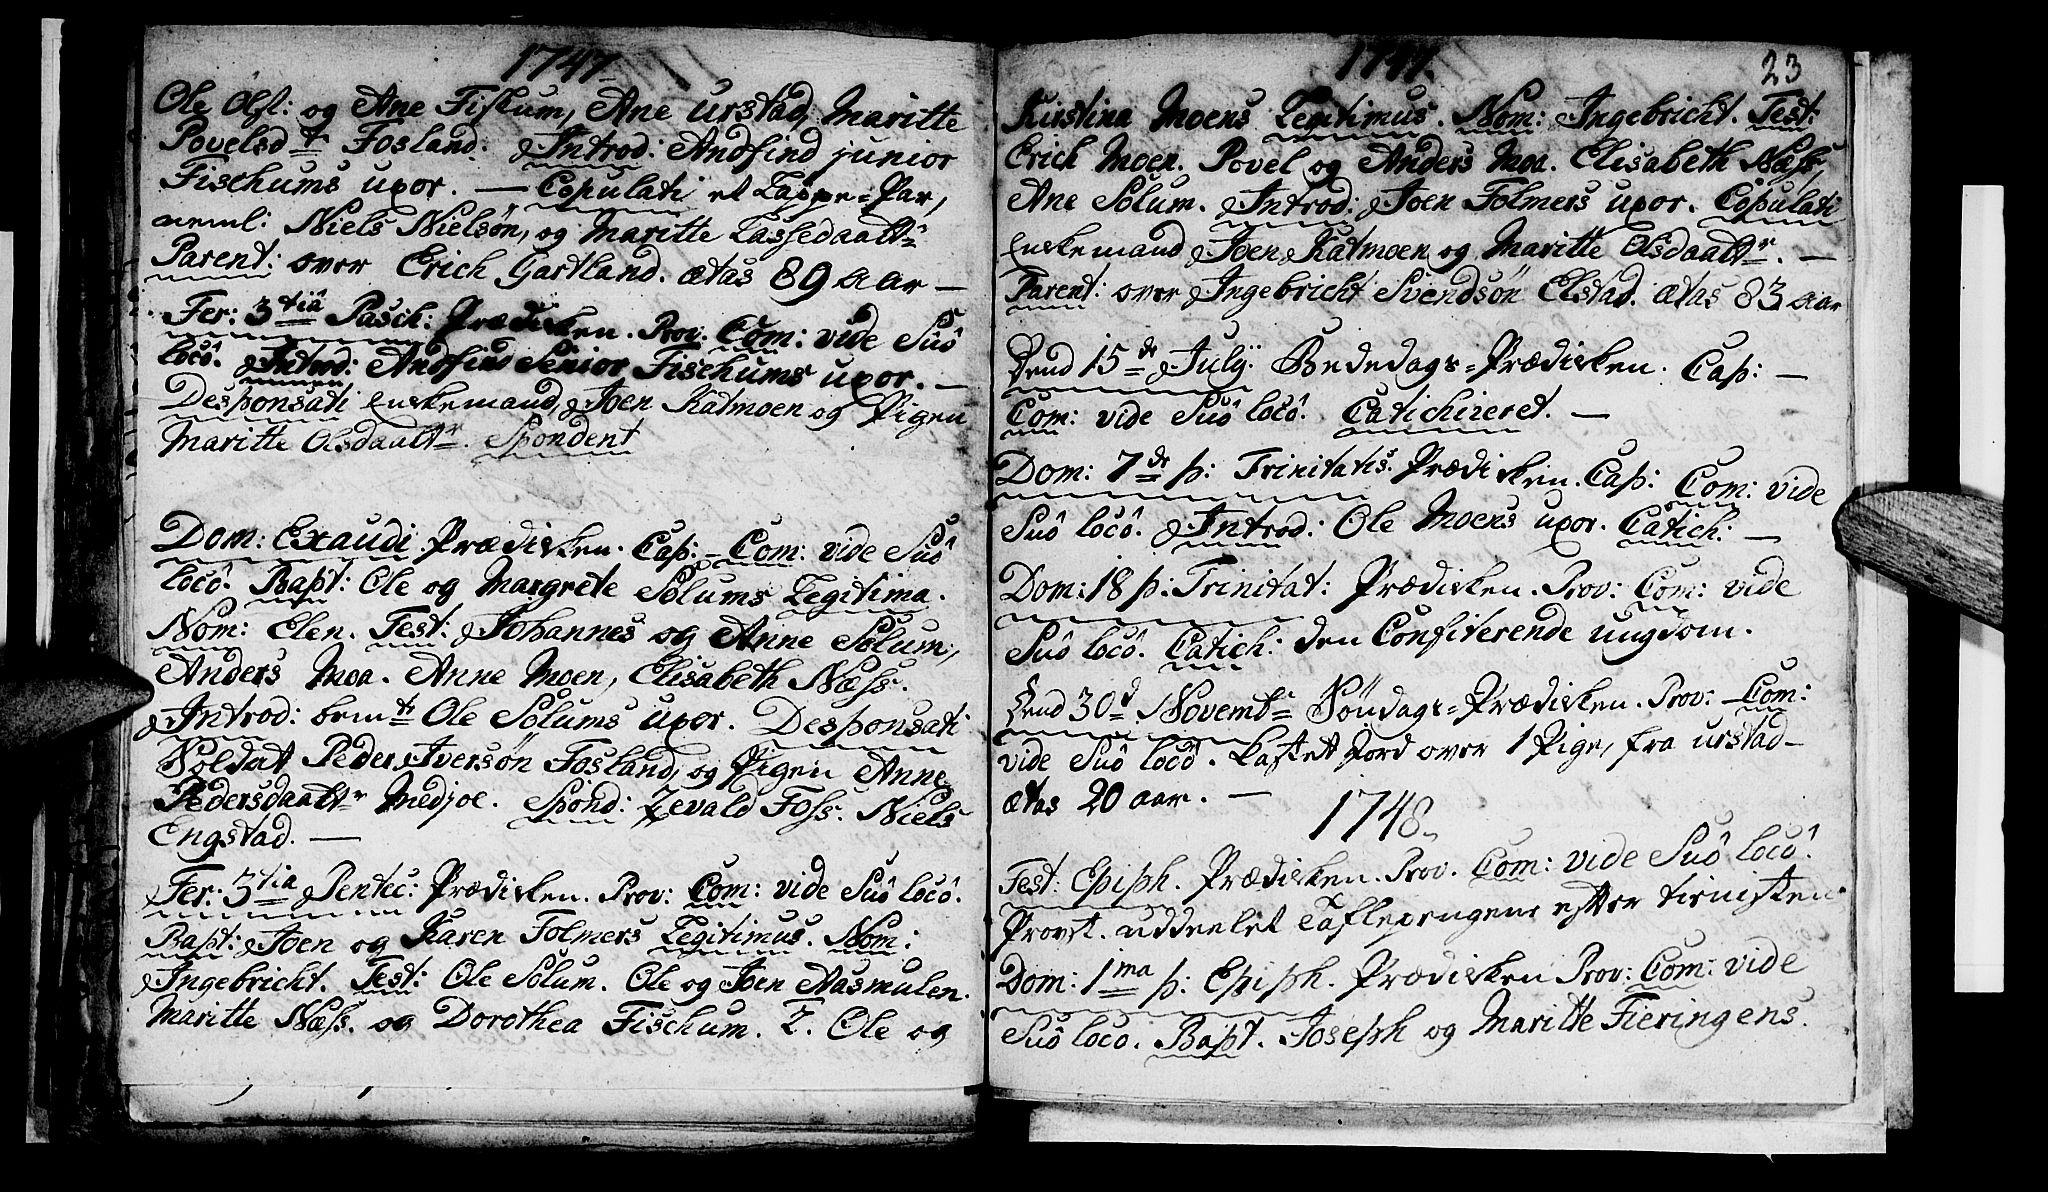 SAT, Ministerialprotokoller, klokkerbøker og fødselsregistre - Nord-Trøndelag, 759/L0525: Ministerialbok nr. 759A01, 1706-1748, s. 23